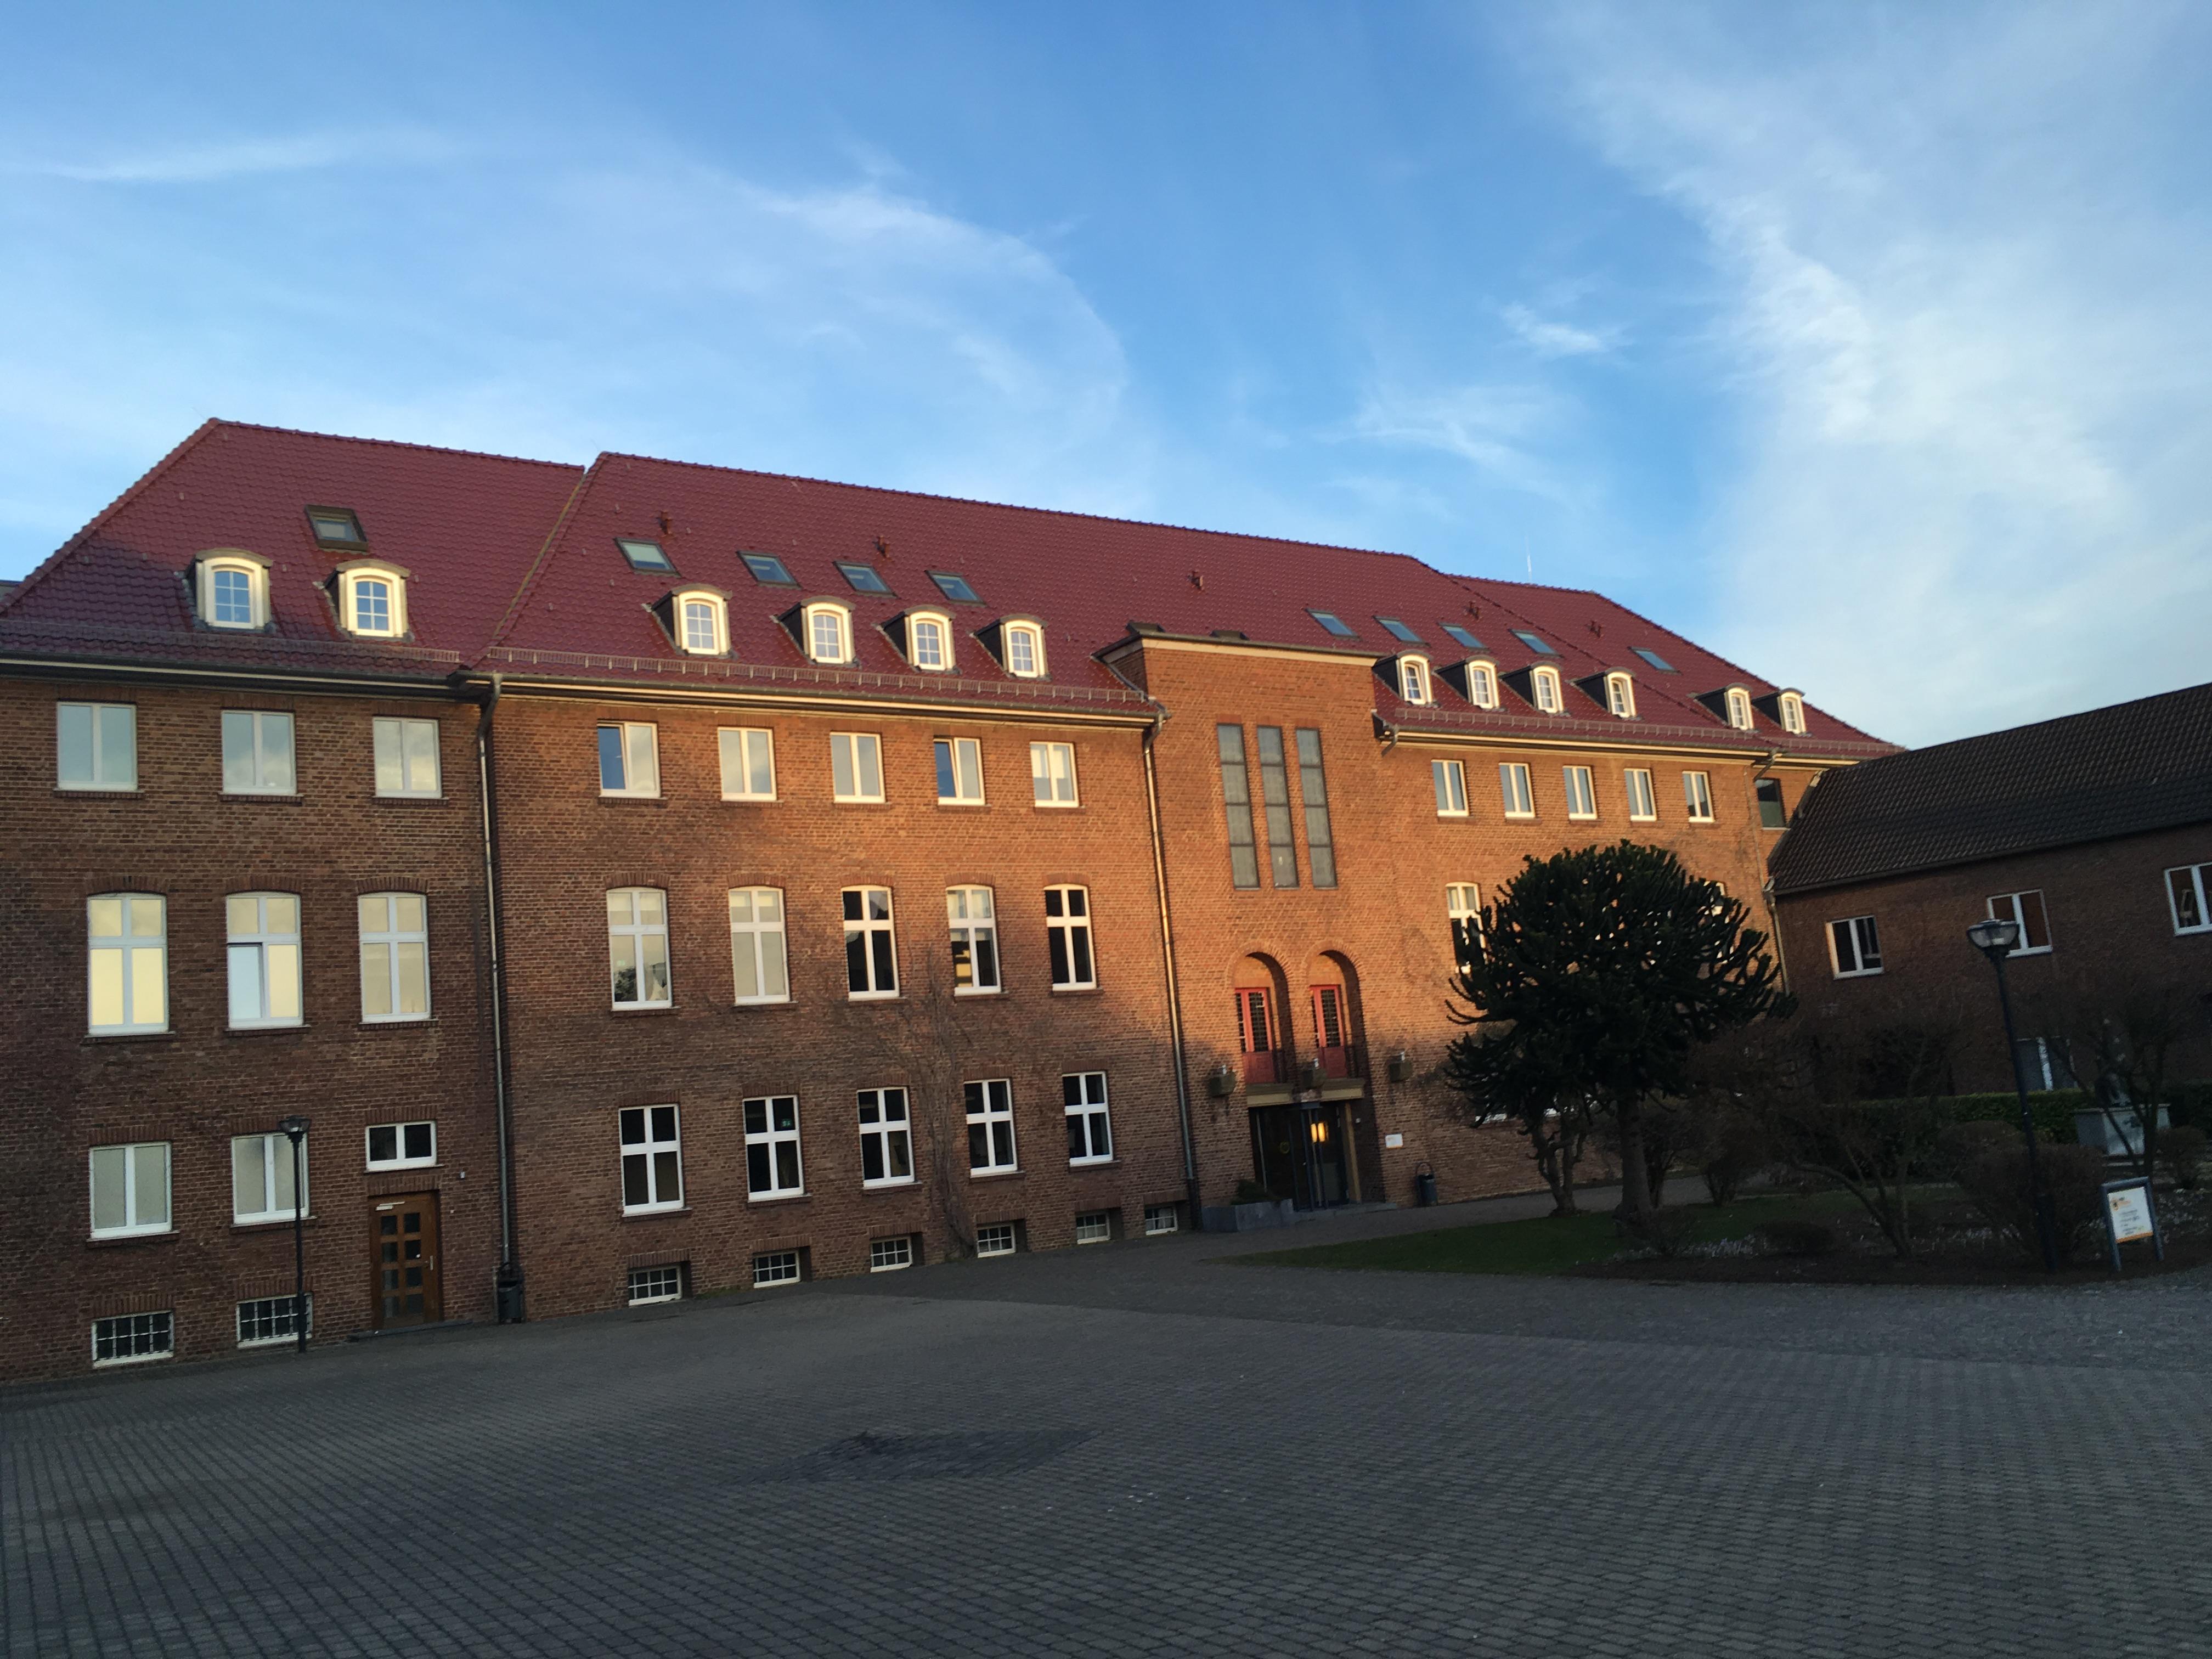 Schwimmbad Rommerskirchen cdu gemeindeverband rommerskirchen haushaltsklausur in jülich barmen